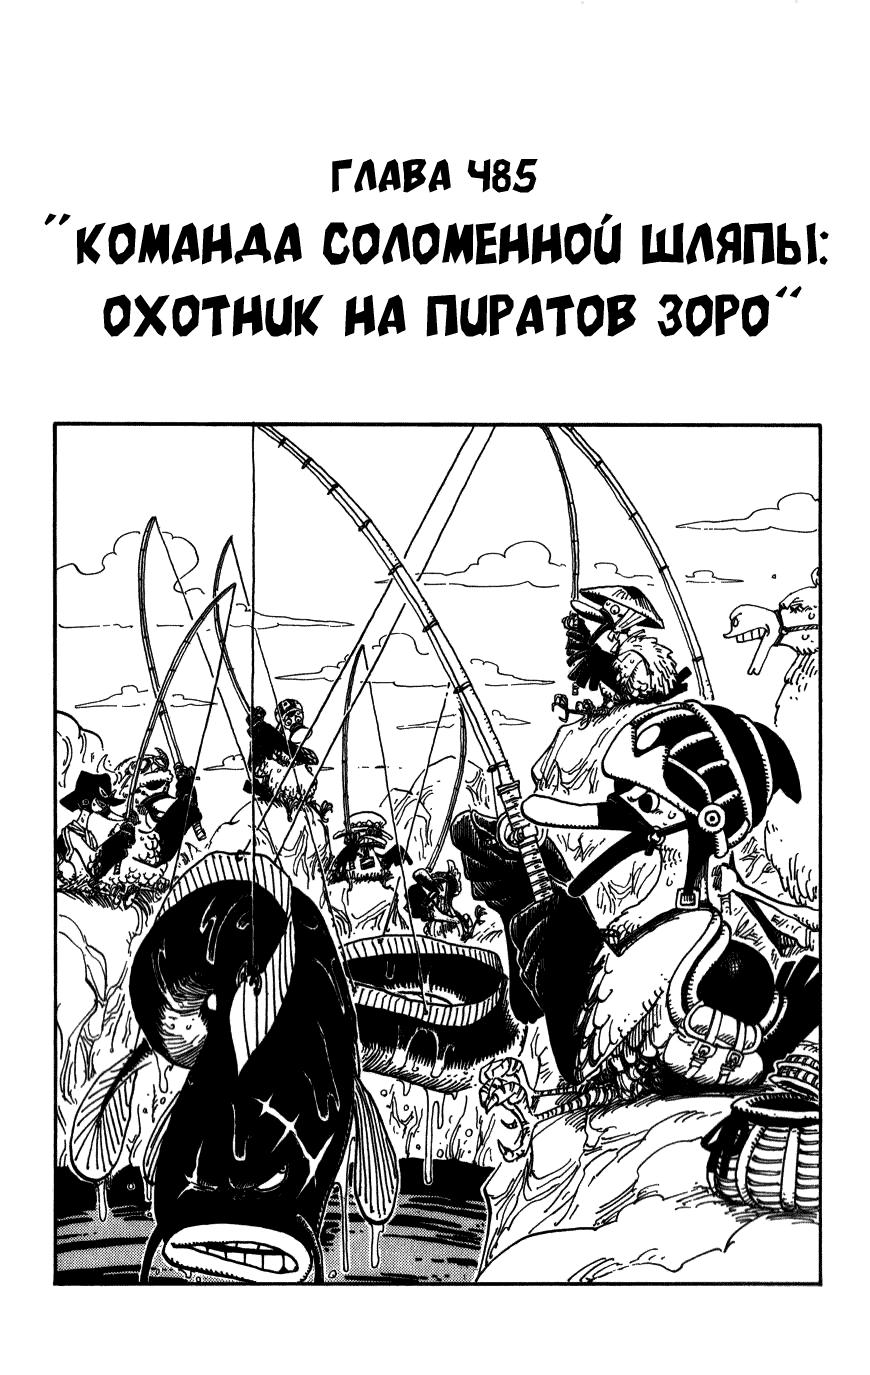 Манга One Piece / Ван Пис Манга One Piece Глава # 485 - Команда Соломеной Шляпы: Охотник на пиратов Зоро, страница 1